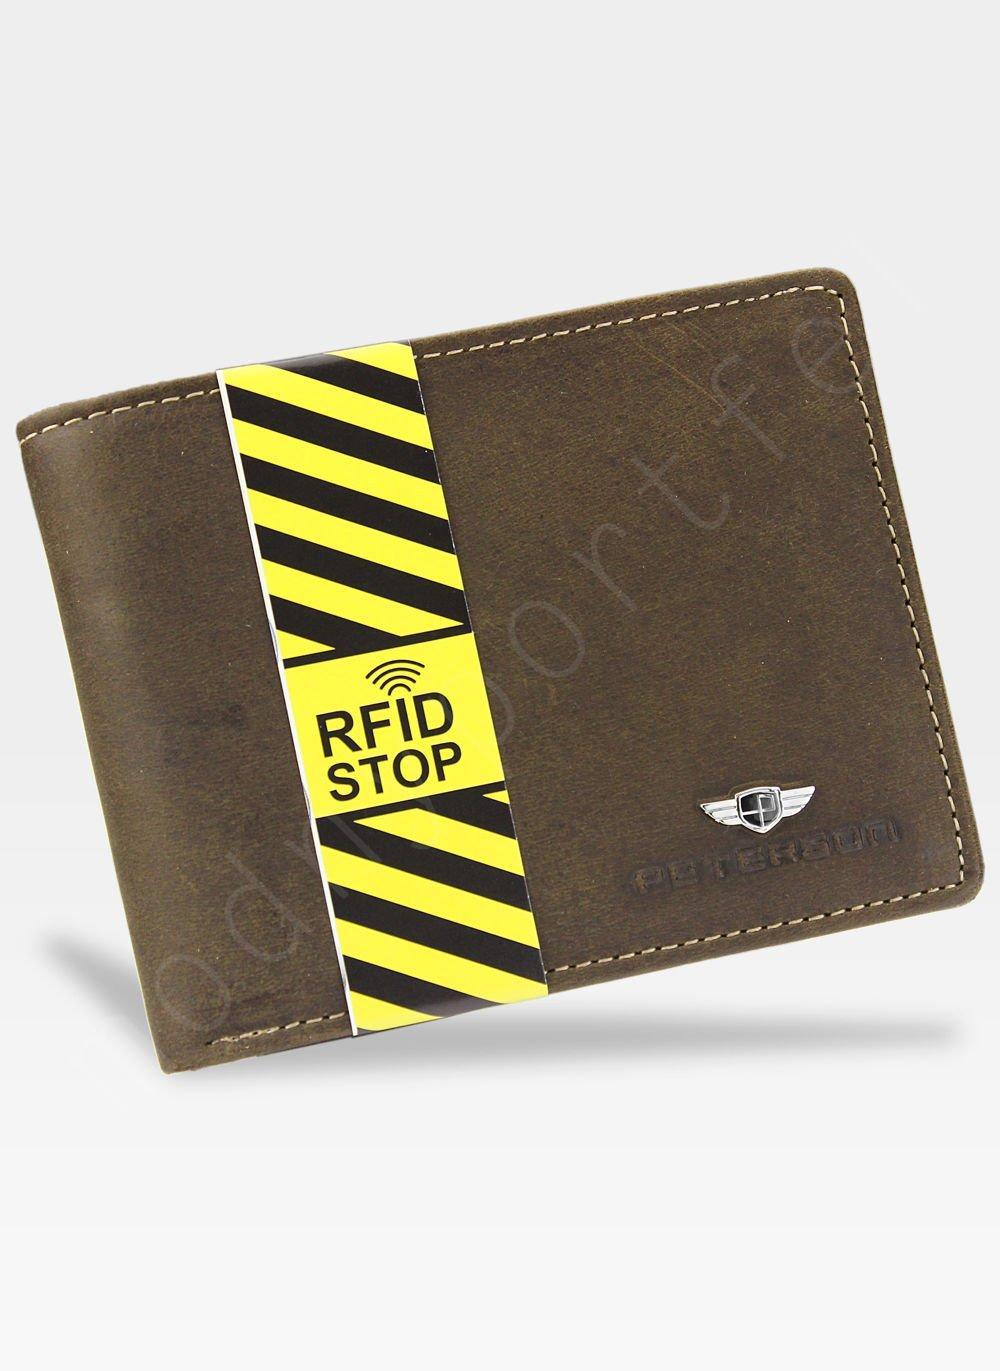 246c2214753f0 Portfel Męski Peterson Skórzany 304 Brązowy System RFID STOP Kliknij, aby  powiększyć ...